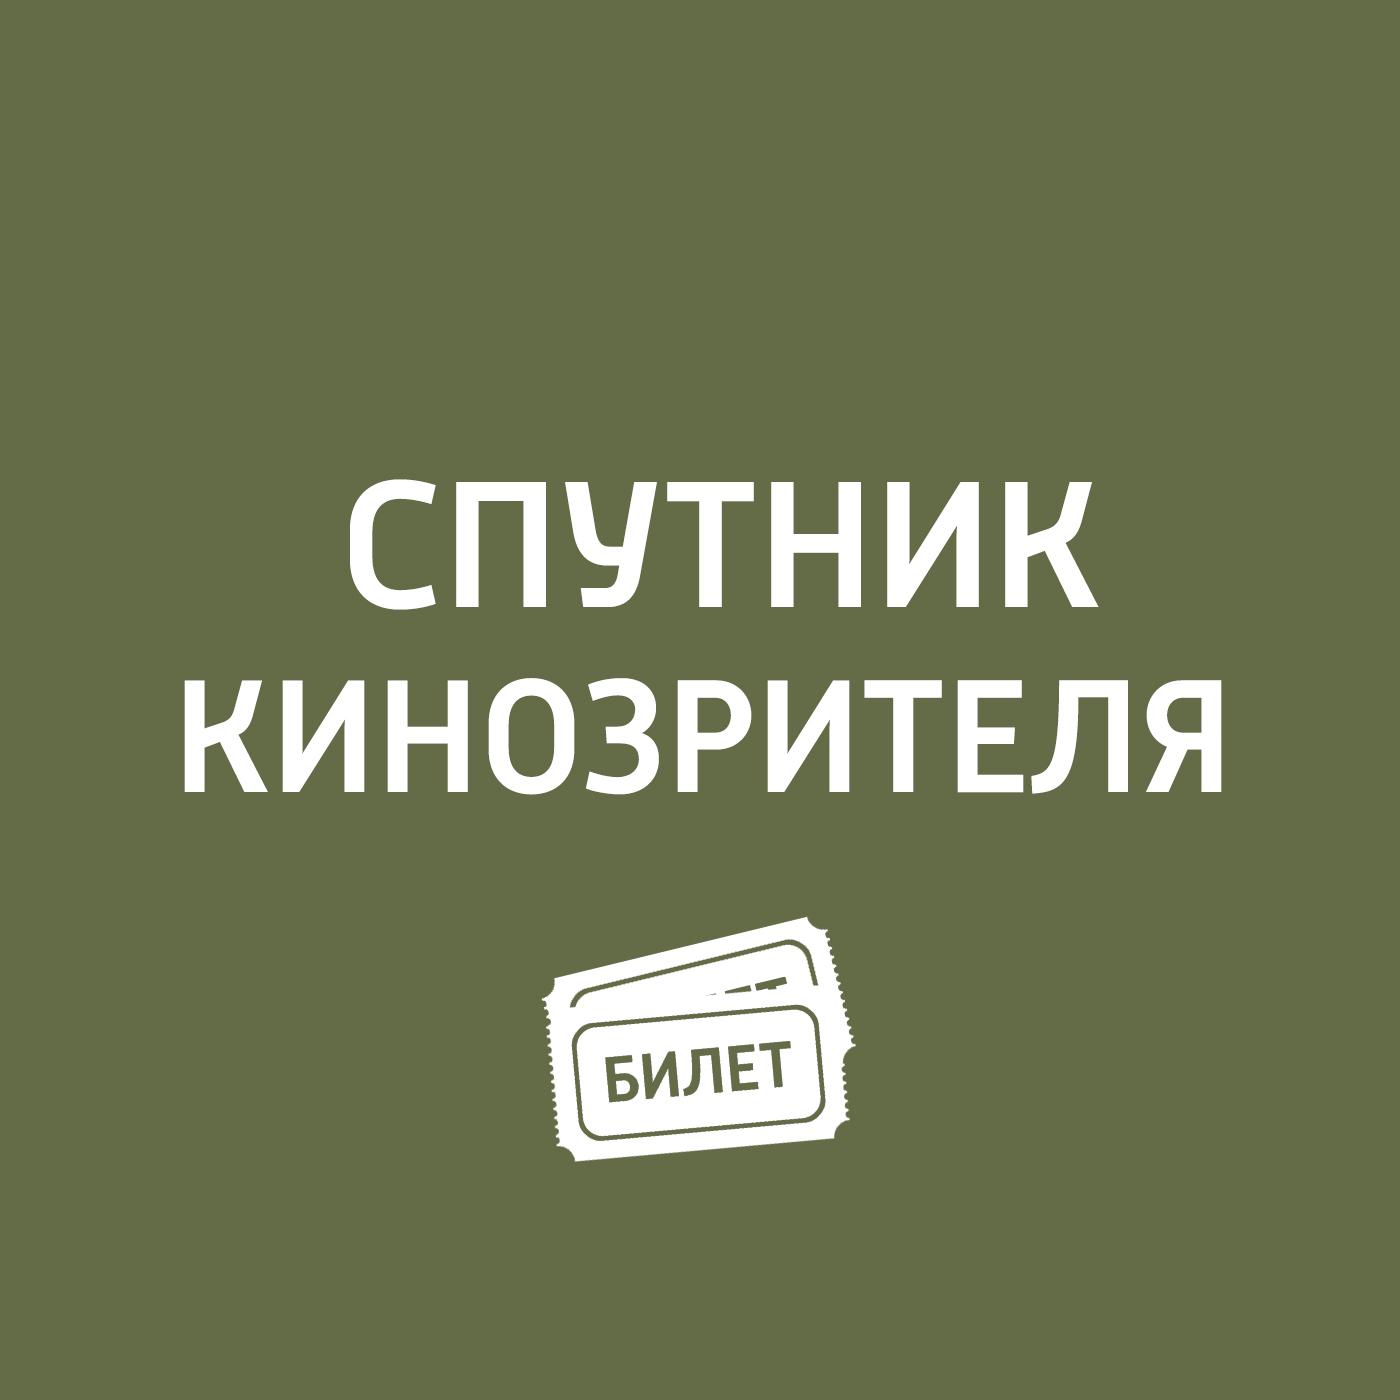 Антон Долин Итоги премии Оскар-2016 антон долин итоги премии оскар 2018